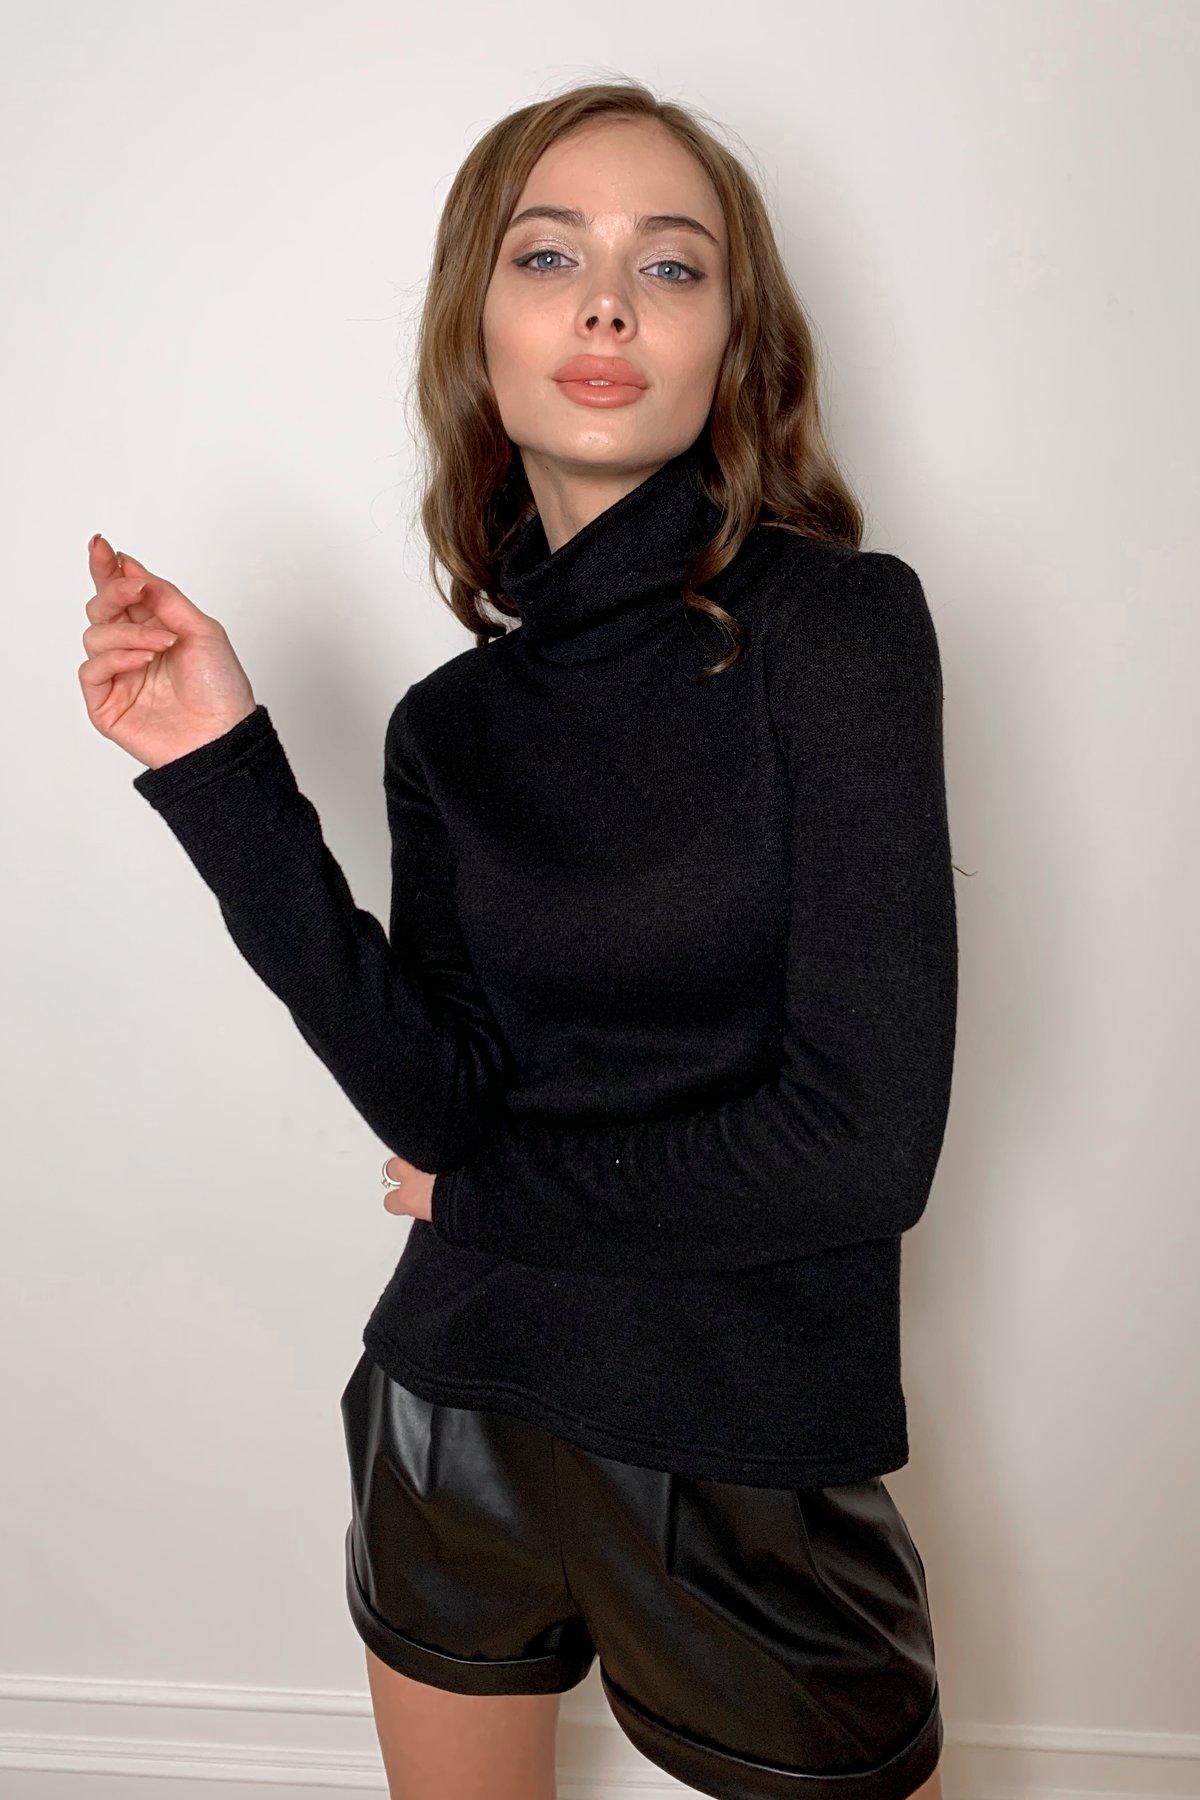 Лимбо трикотаж ангора гольф 10188 АРТ. 46481 Цвет: Черный - фото 4, интернет магазин tm-modus.ru